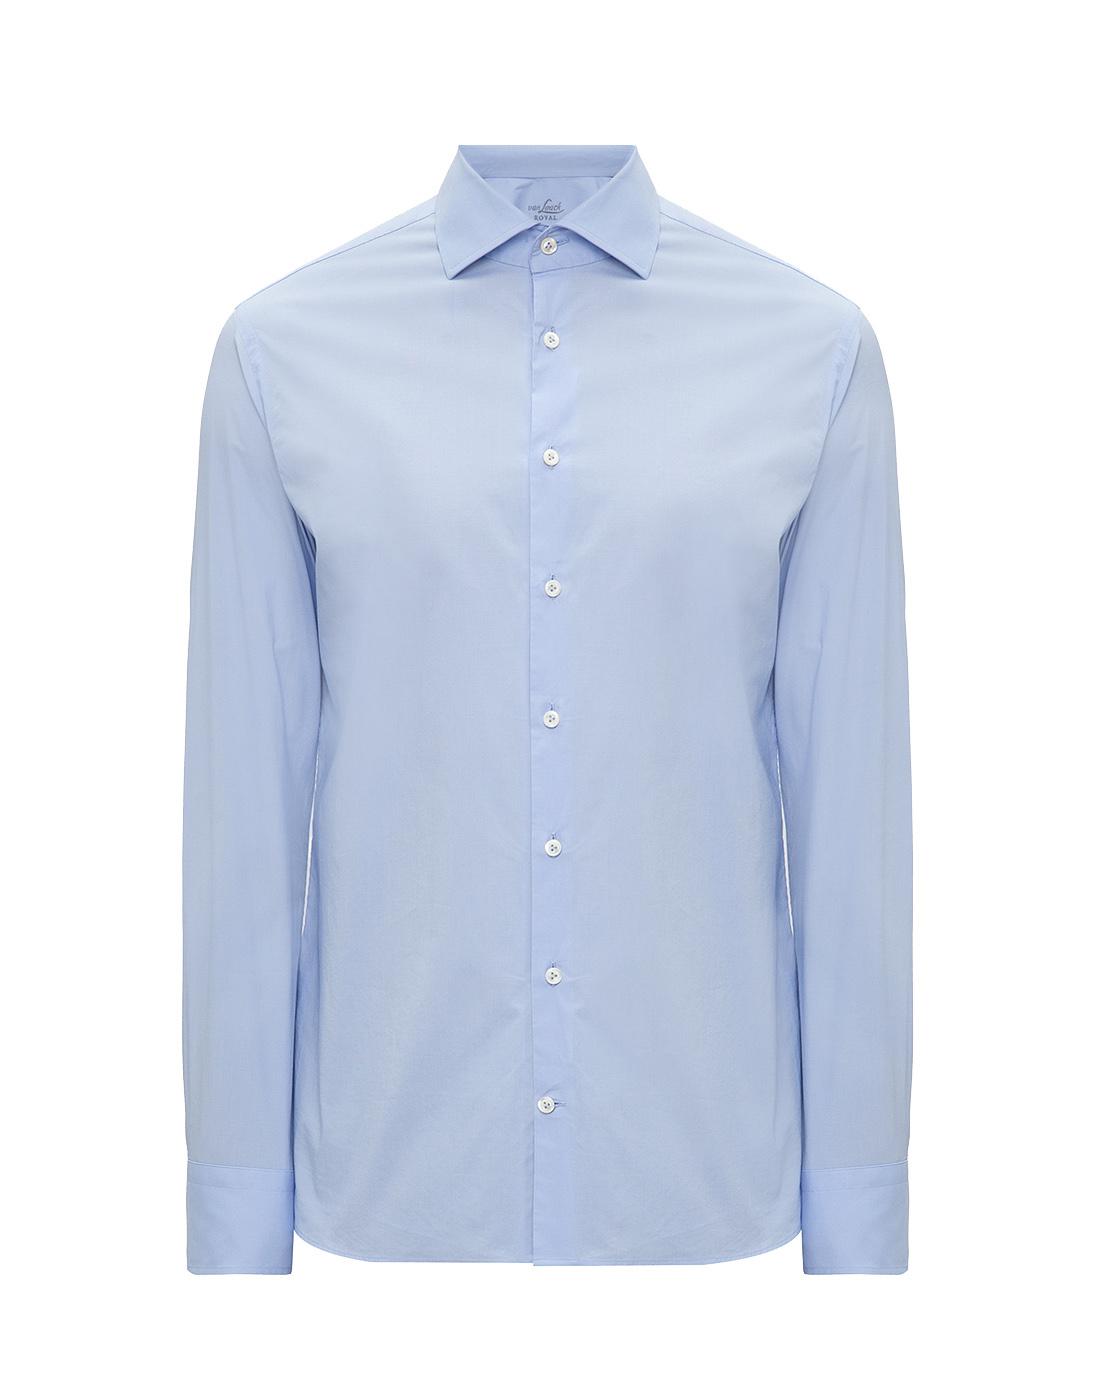 Мужская голубая рубашка Van Laack S130090/720-1